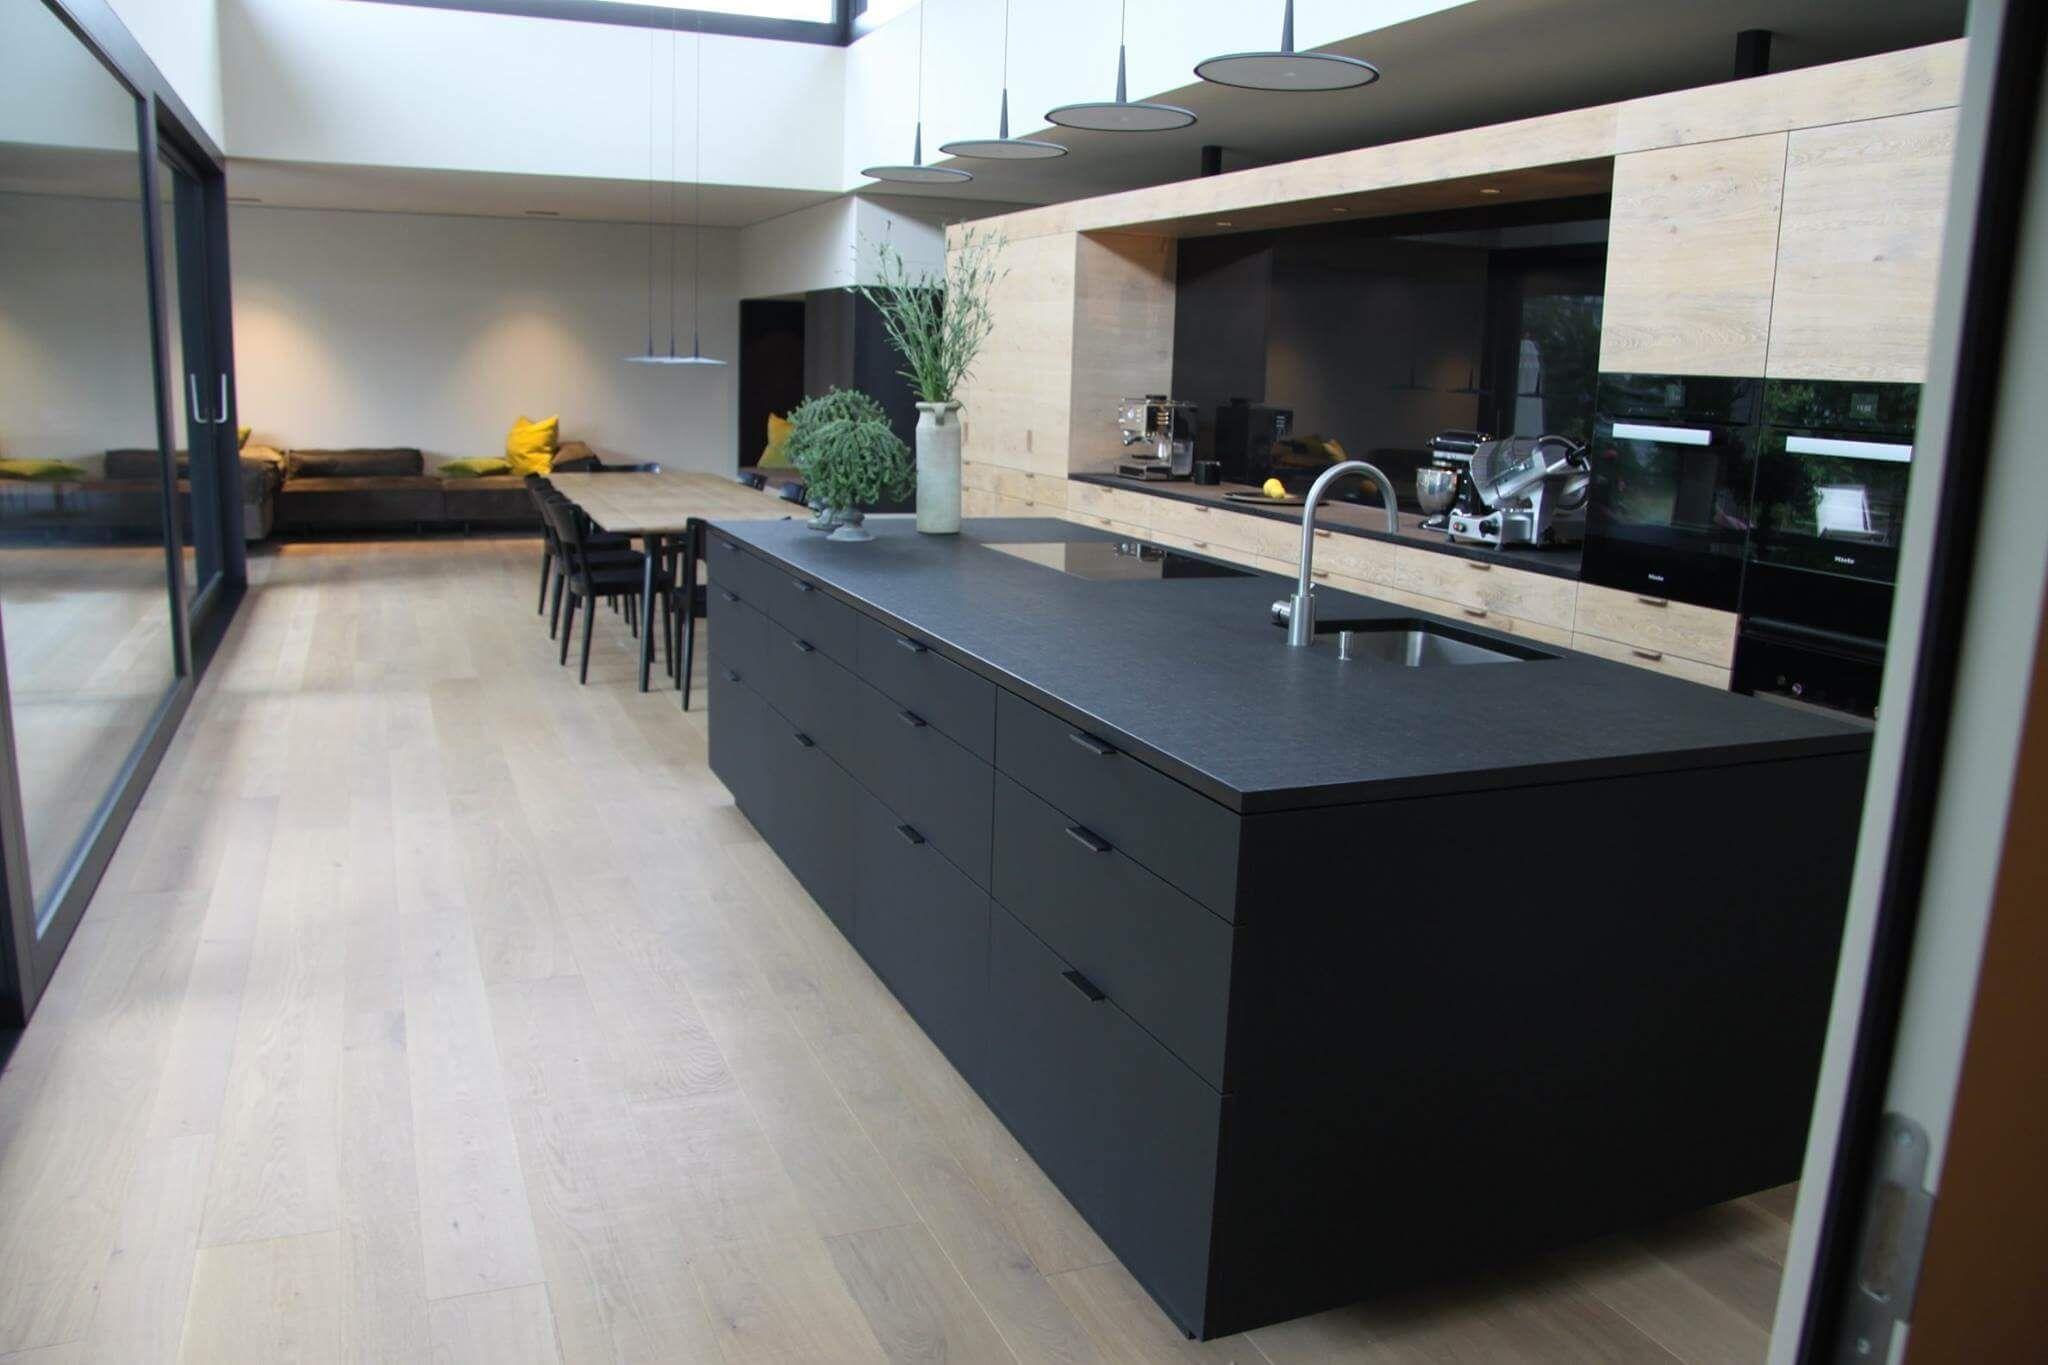 ideen f r deine neue schwarze kochinsel bilder von edlen dunklen k cheninseln dunkle k chen. Black Bedroom Furniture Sets. Home Design Ideas